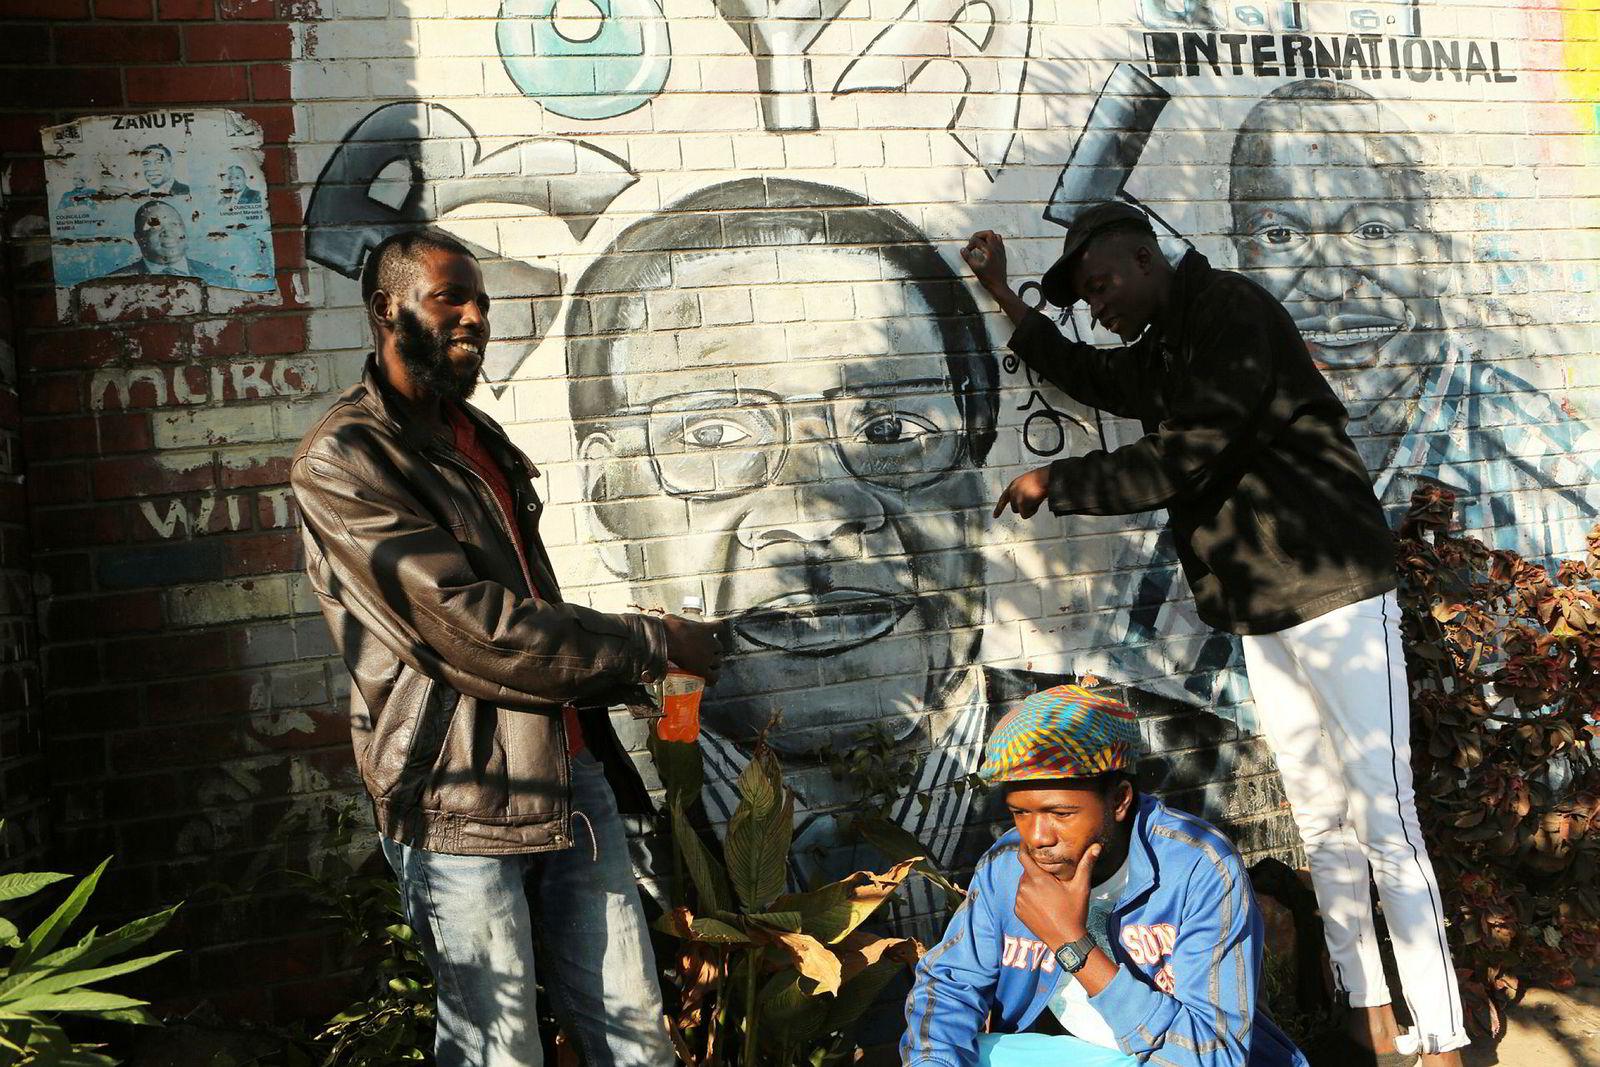 Tilhengere av president Robert Mugabe ved et veggmaleri av den tidligere presidenten i Zimbabwes hovedstad Harare.